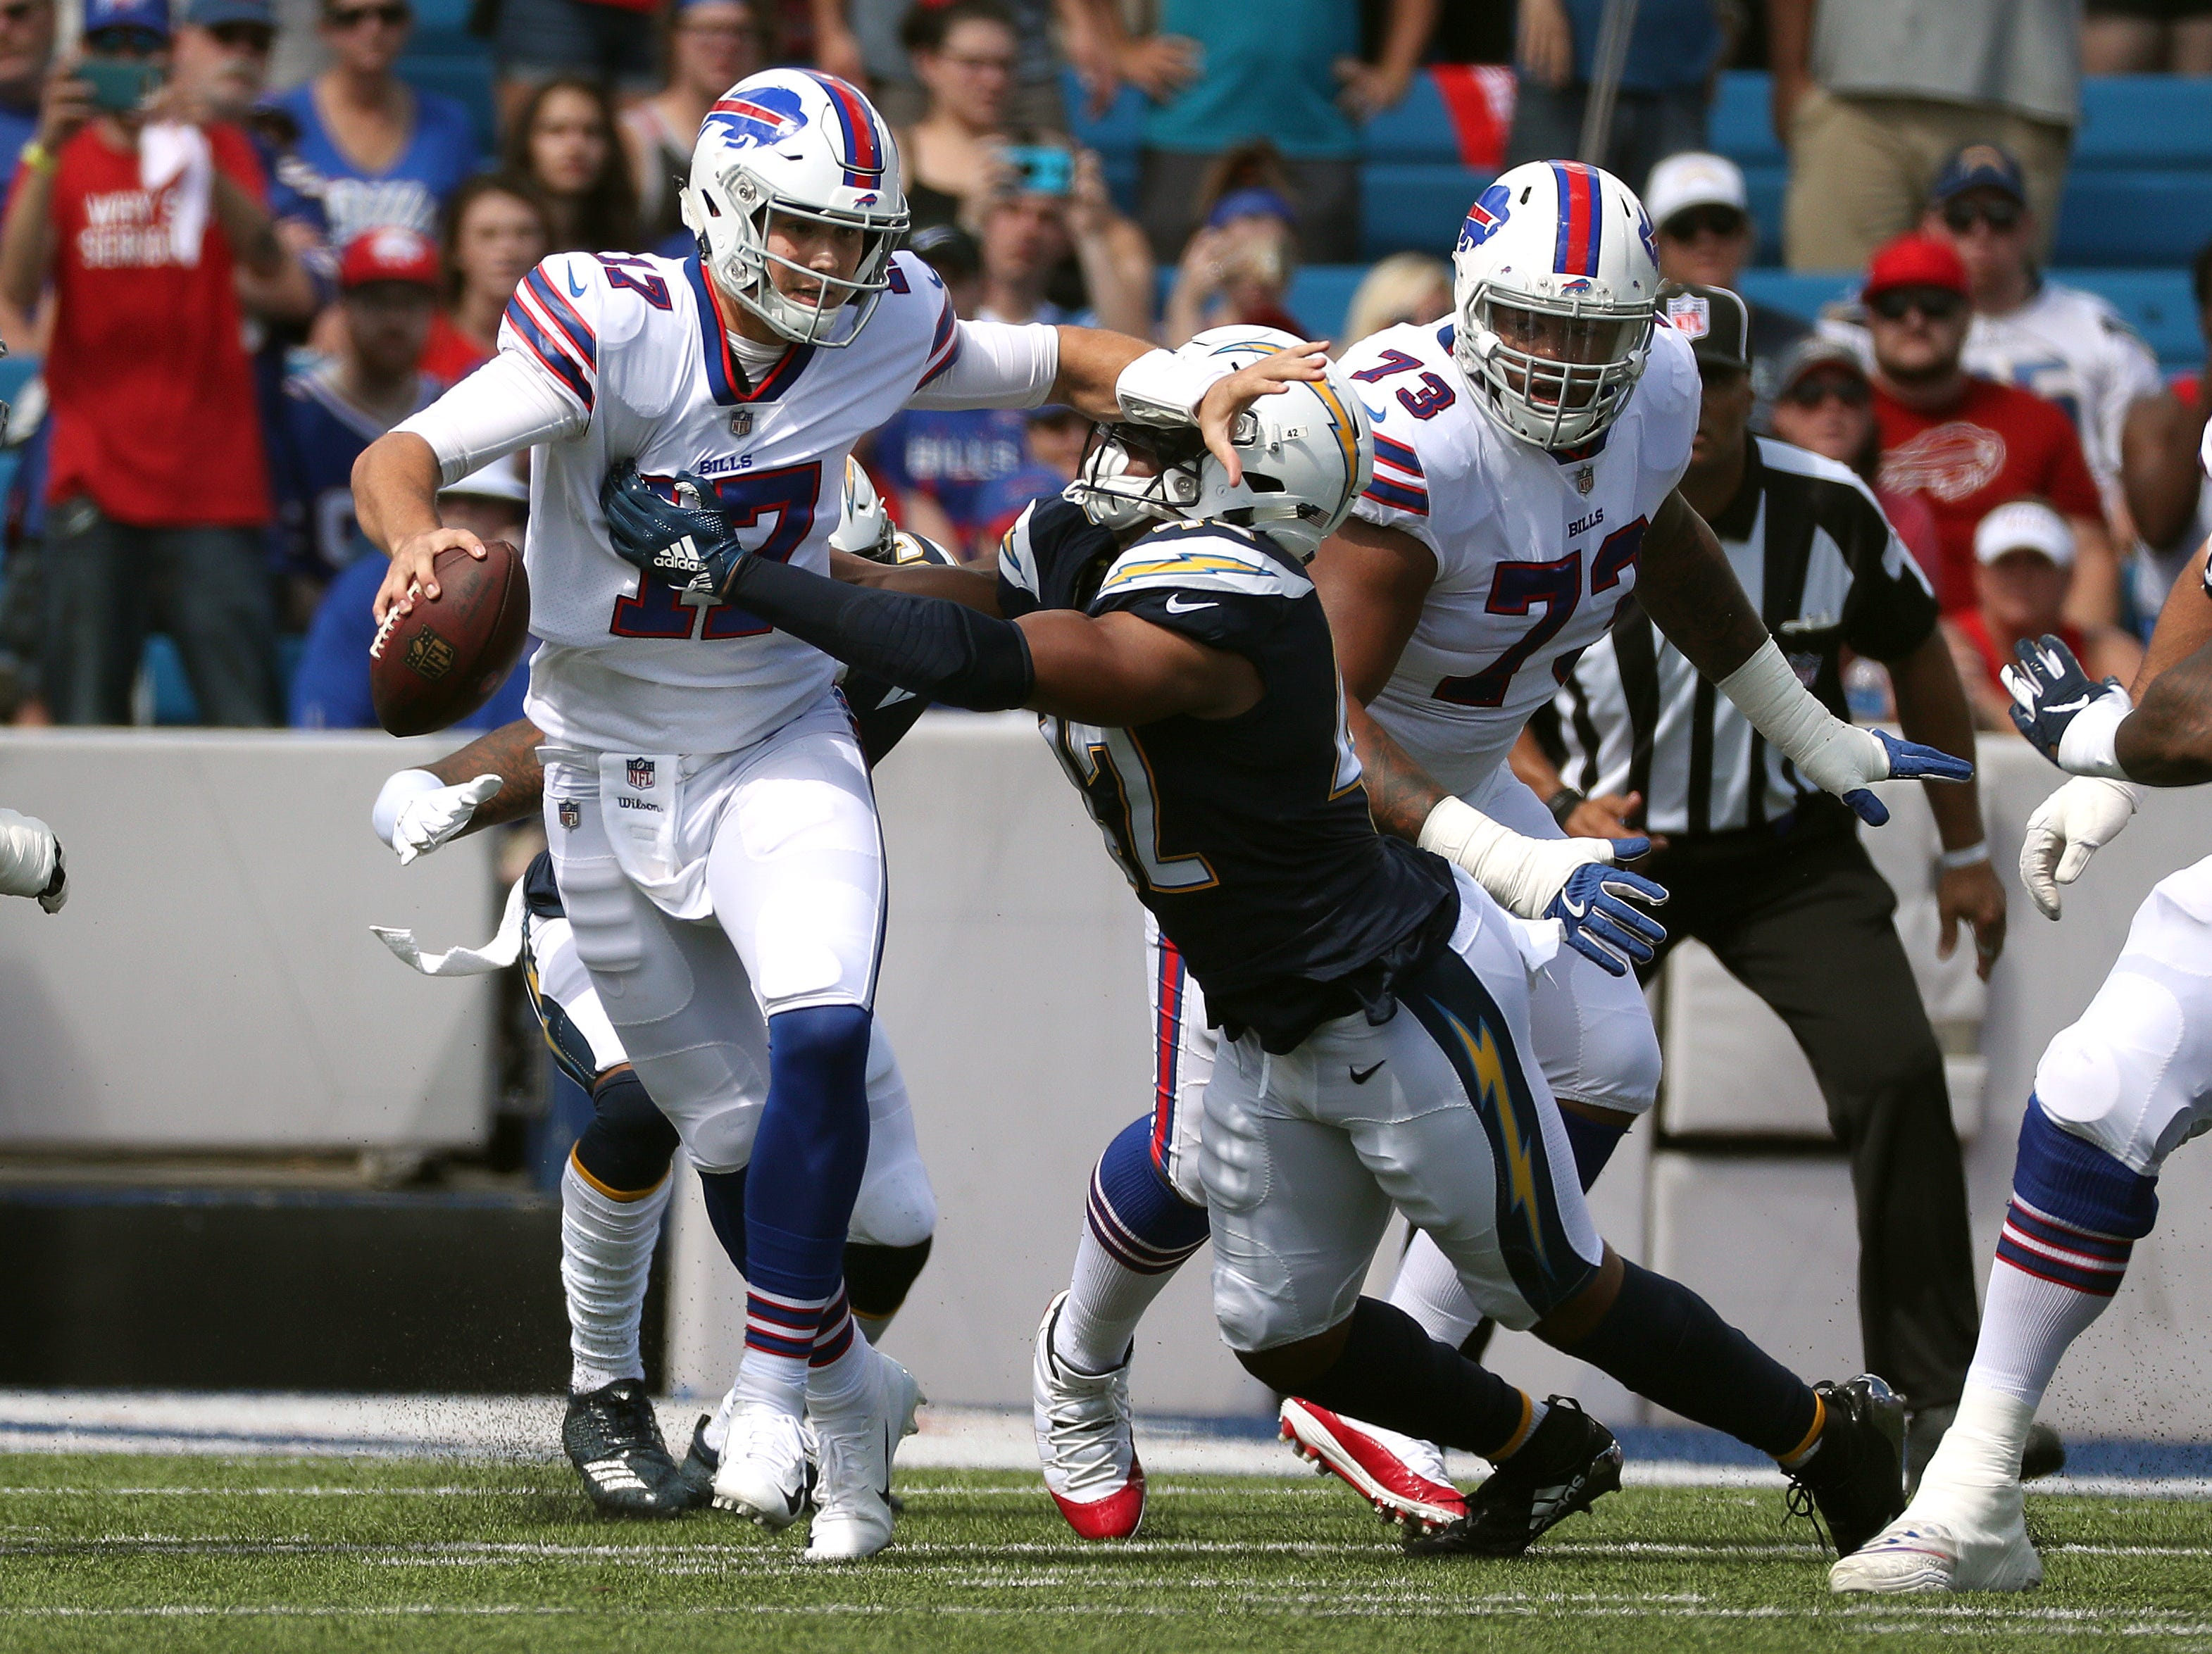 Bills quarterback Josh Allen is sacked by Chargers Uchenna Nwosu.